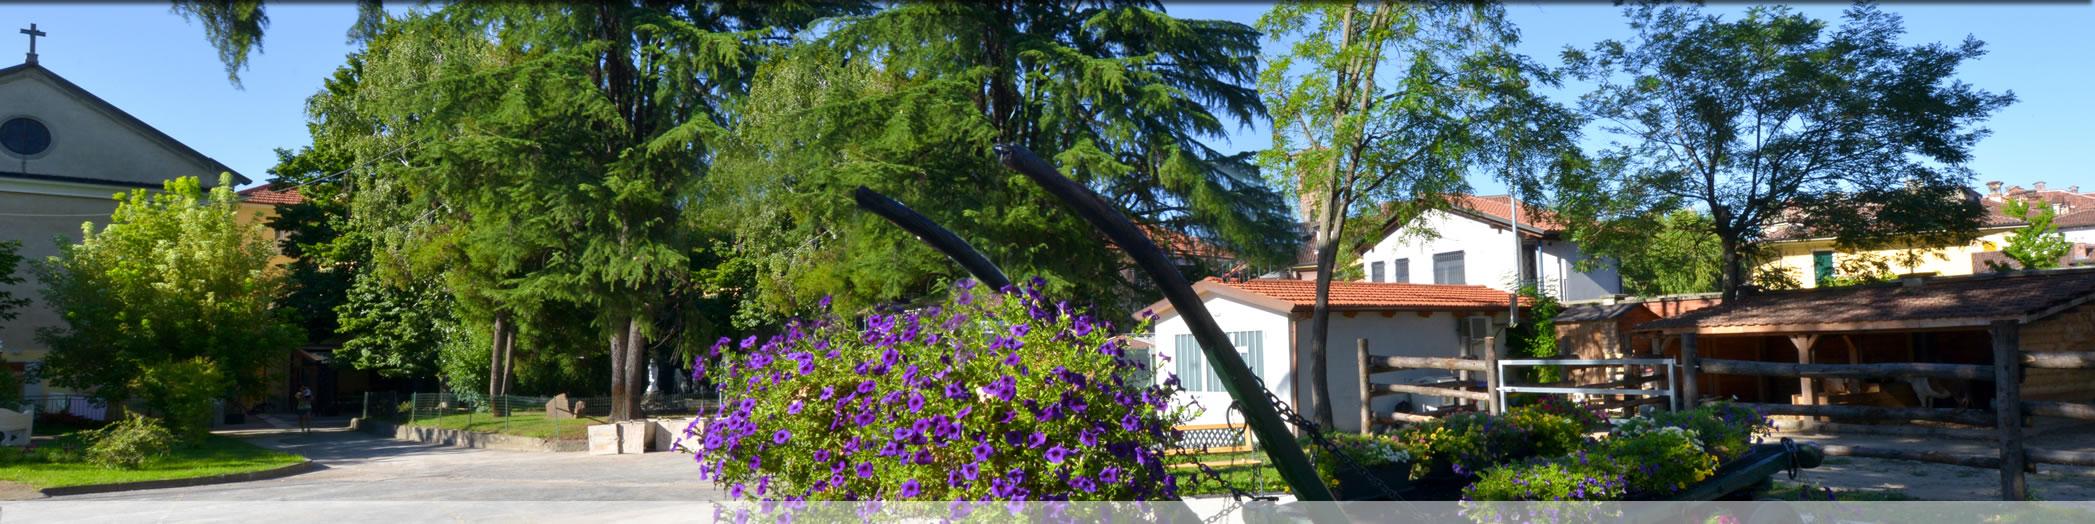 Villa Serena | struttura per anziani torino